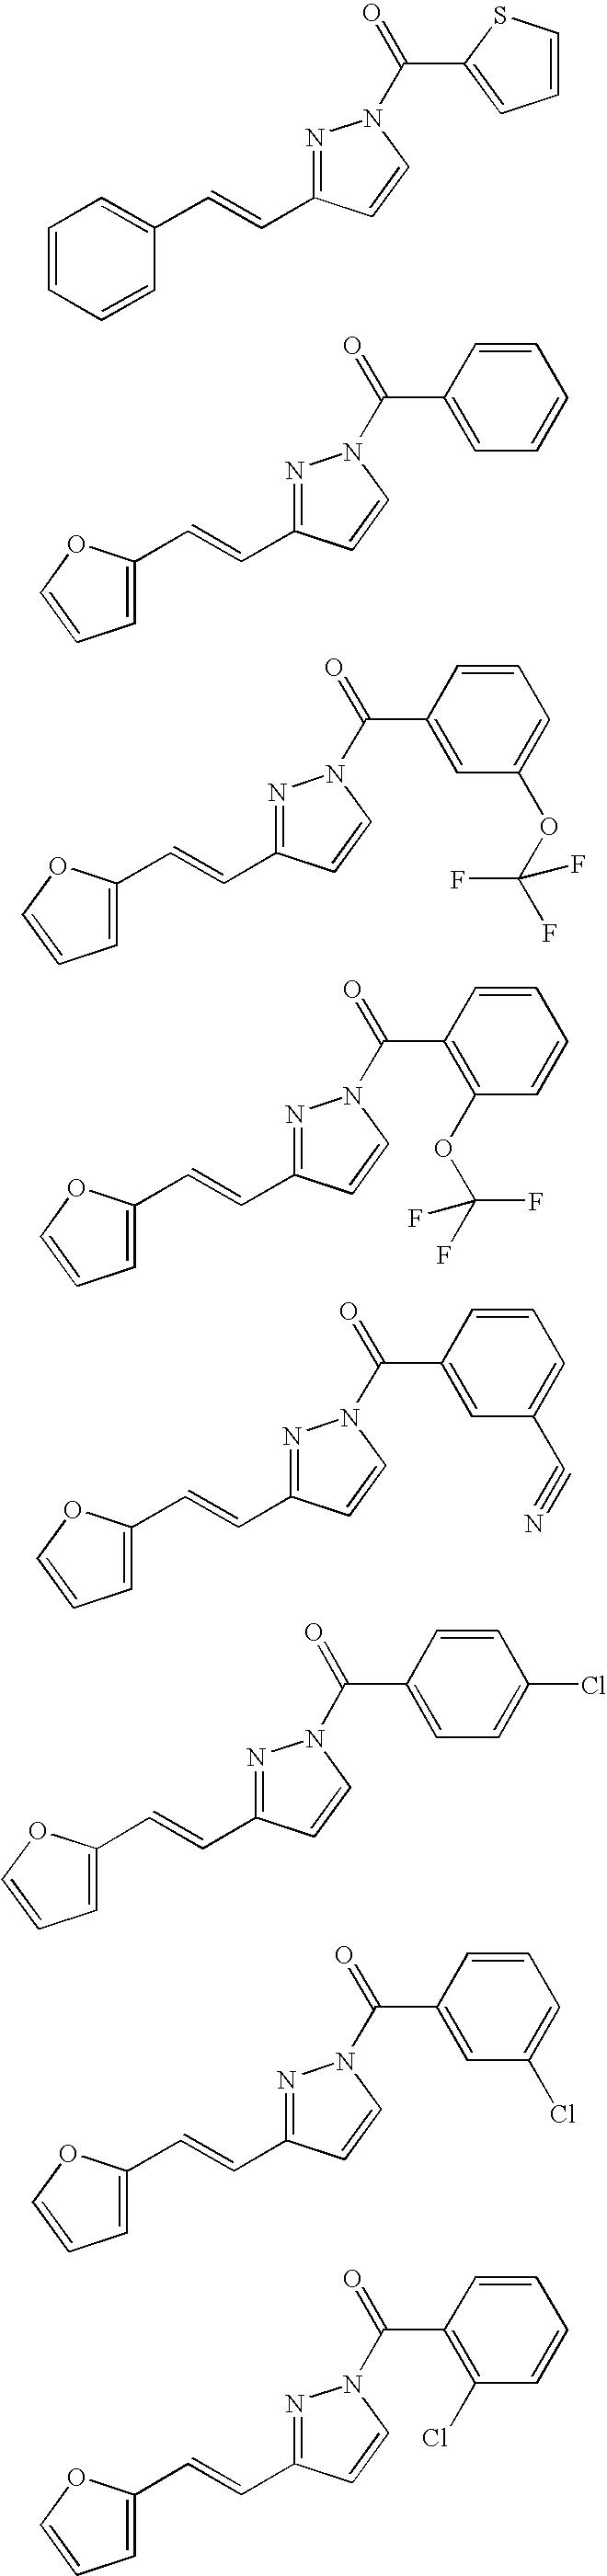 Figure US07192976-20070320-C00071